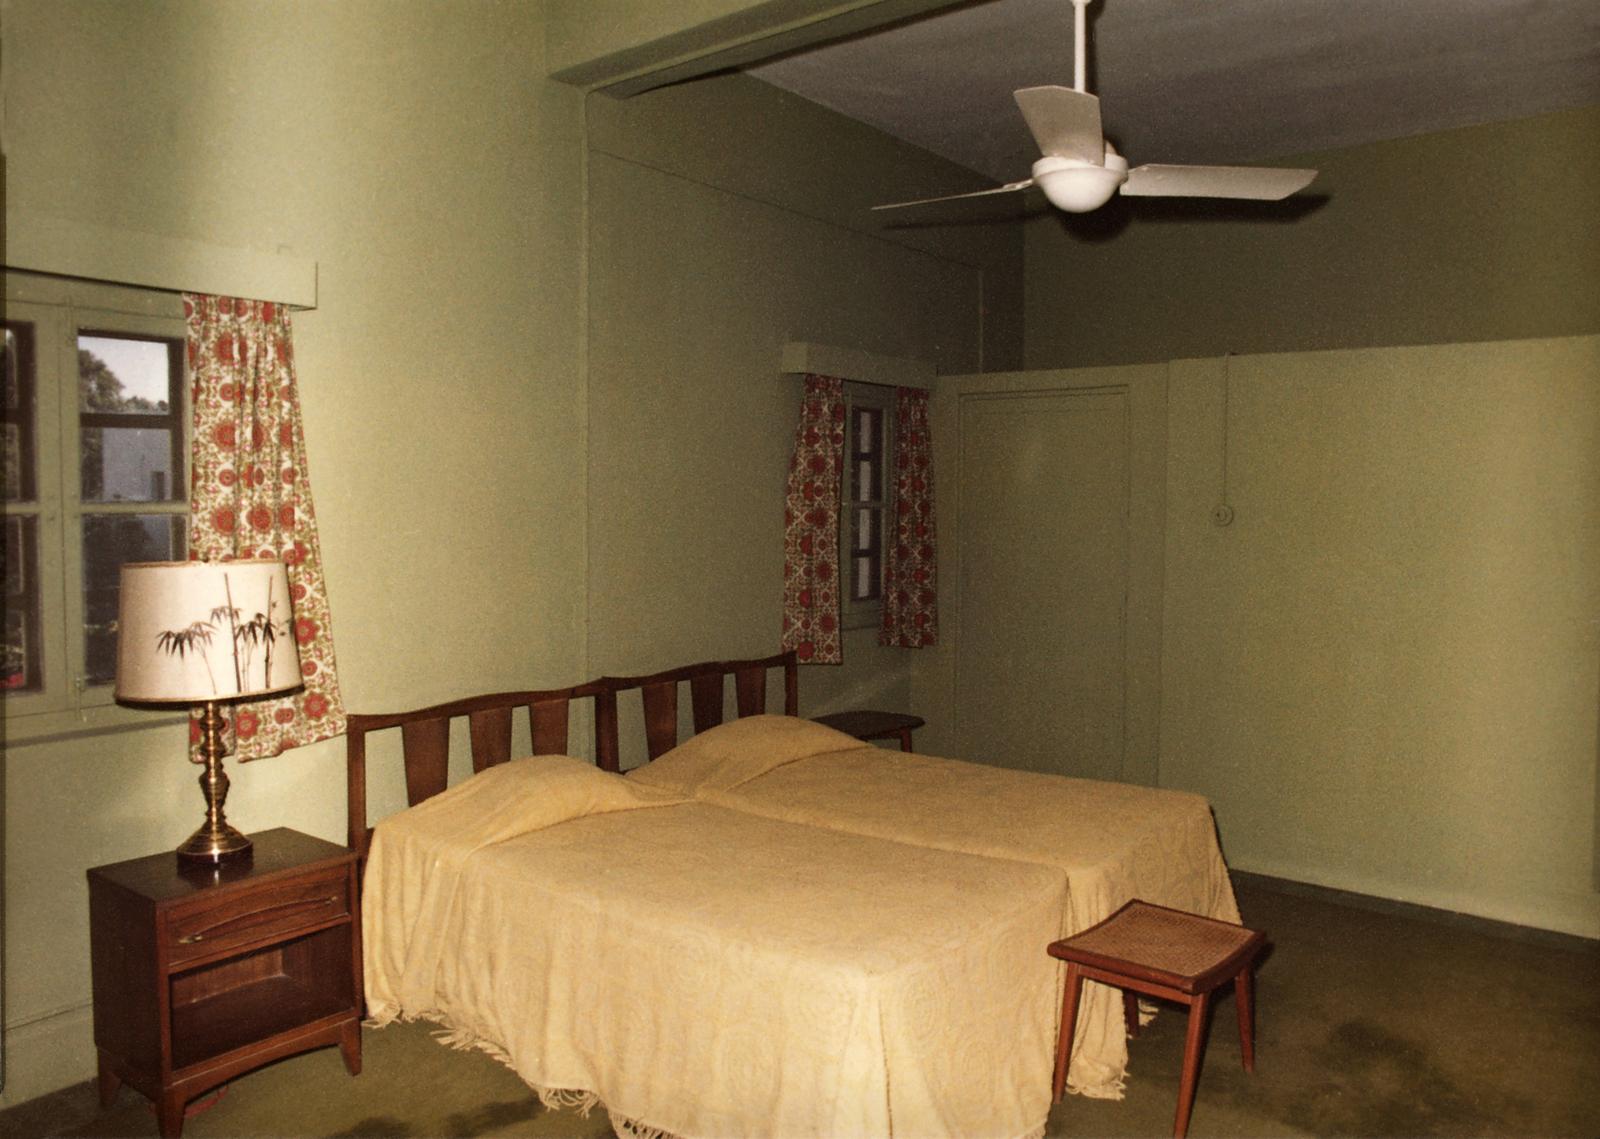 Karachi - Standard Level Position Residence - 1977